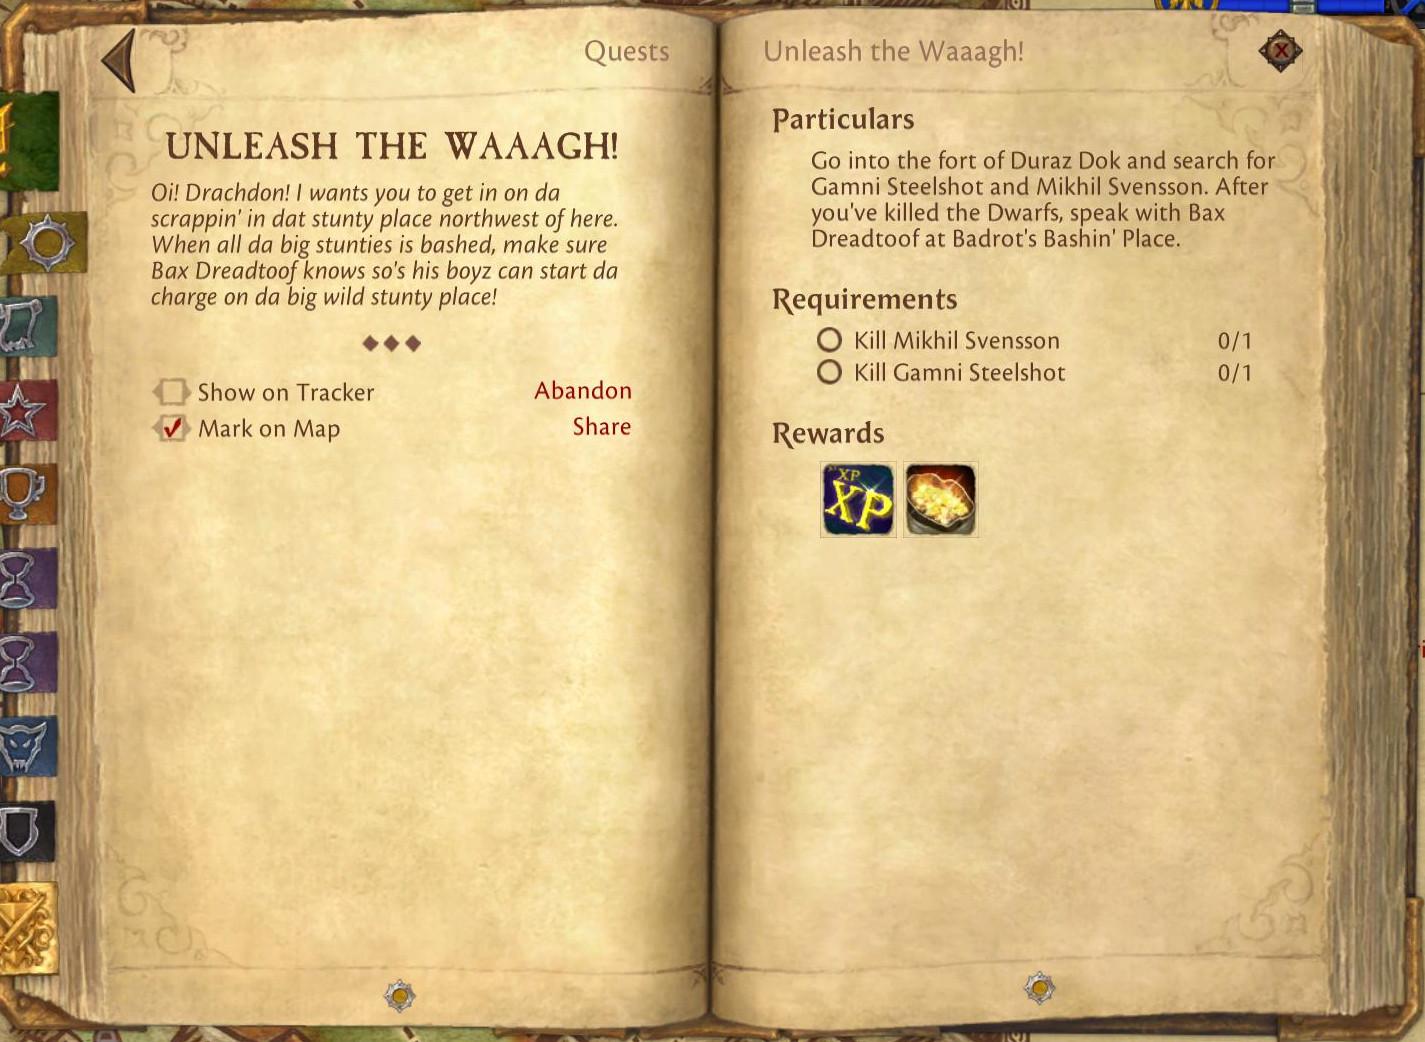 unleash the waaagh